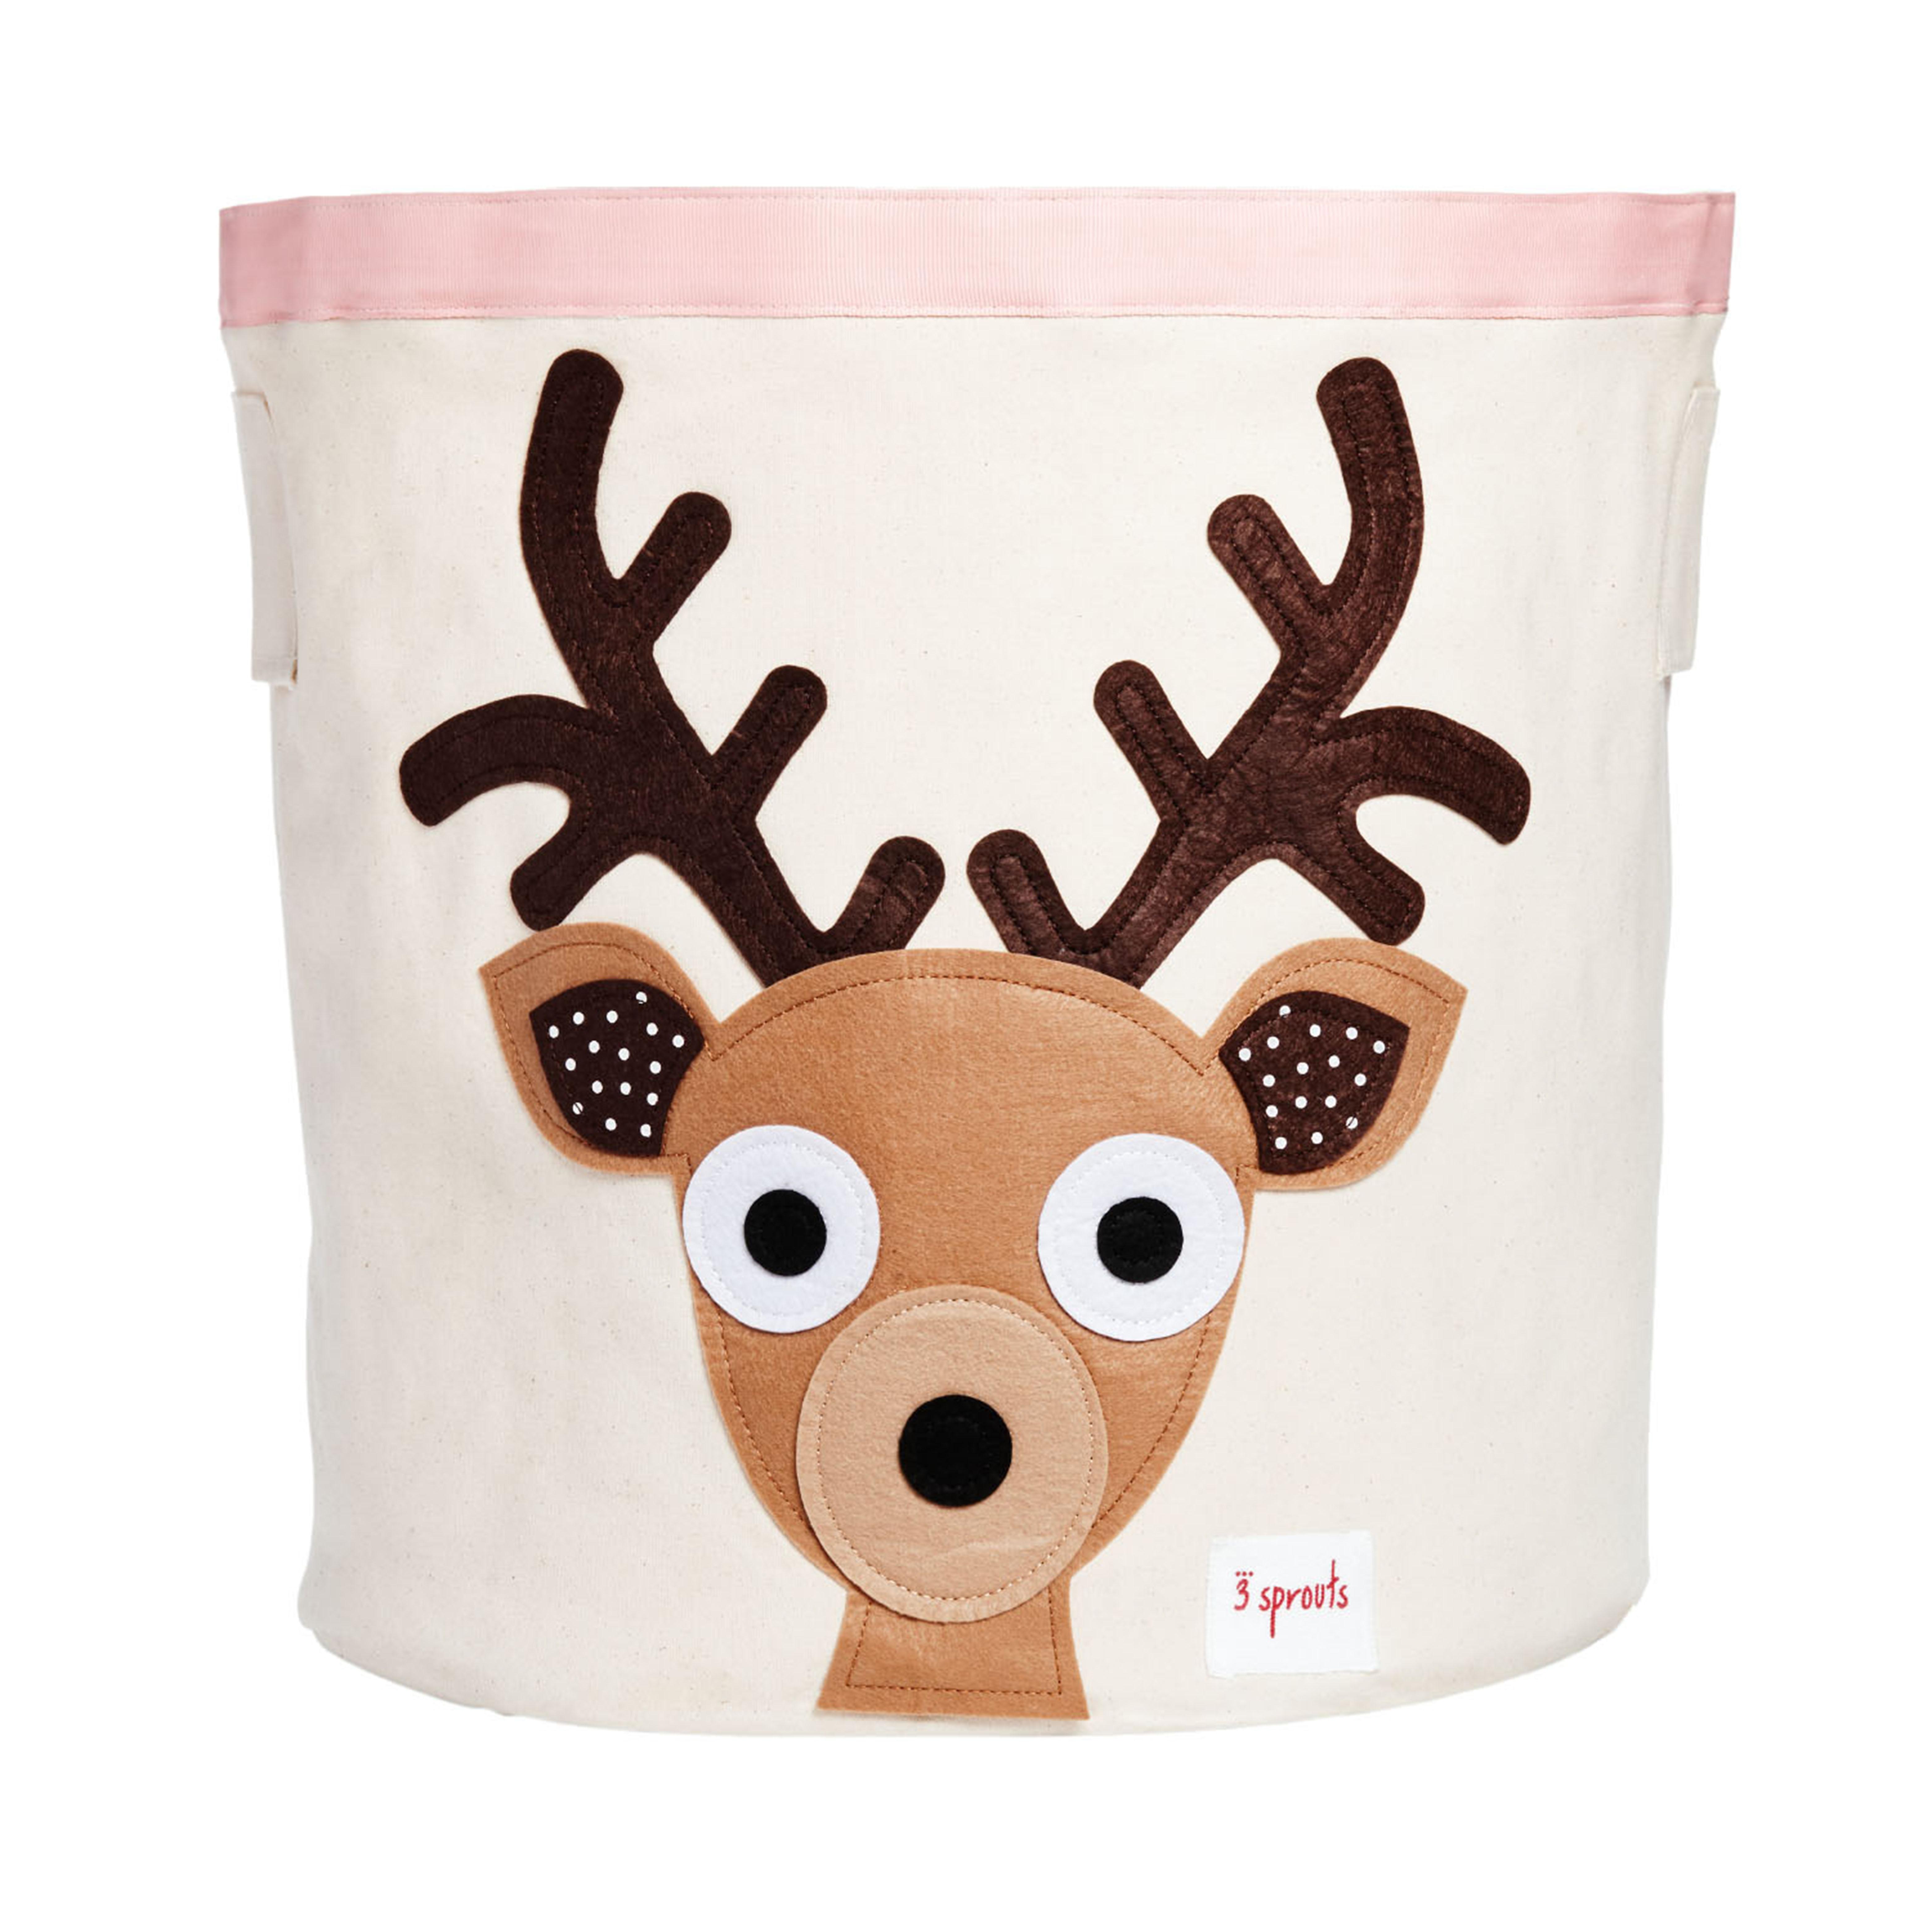 【讚品牌】加拿大 3 Sprouts 收納籃-小鹿